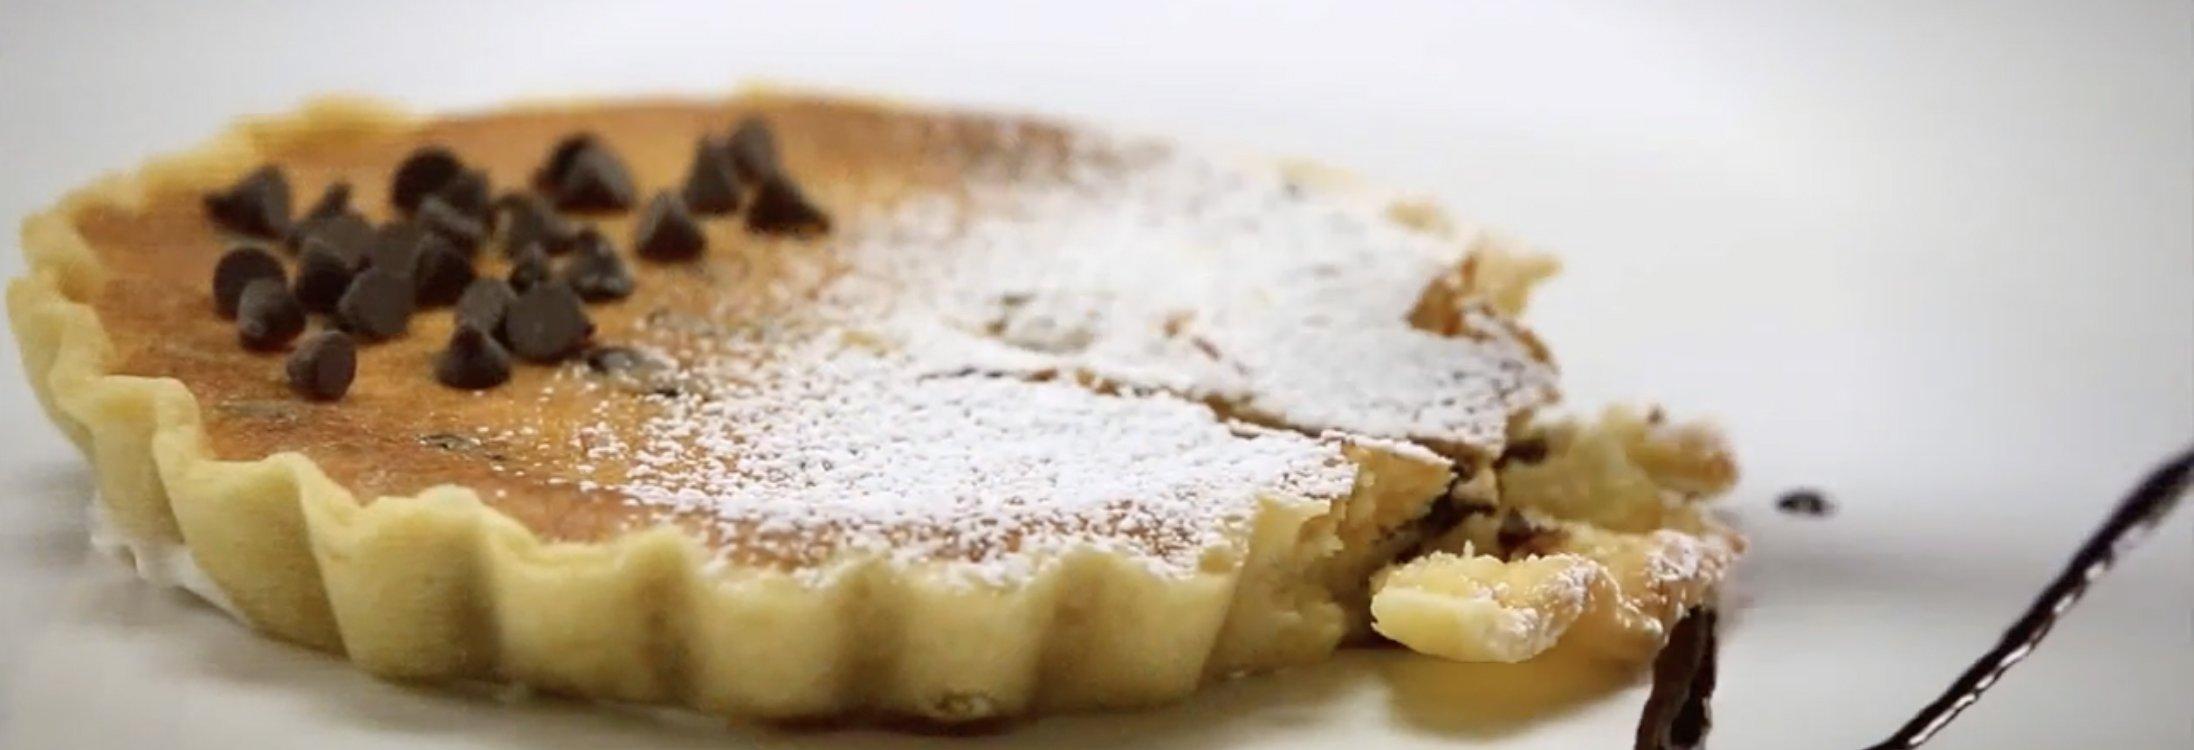 Mini crostate con gocce di cioccolato al mascarpone e ricotta Sterilgarda